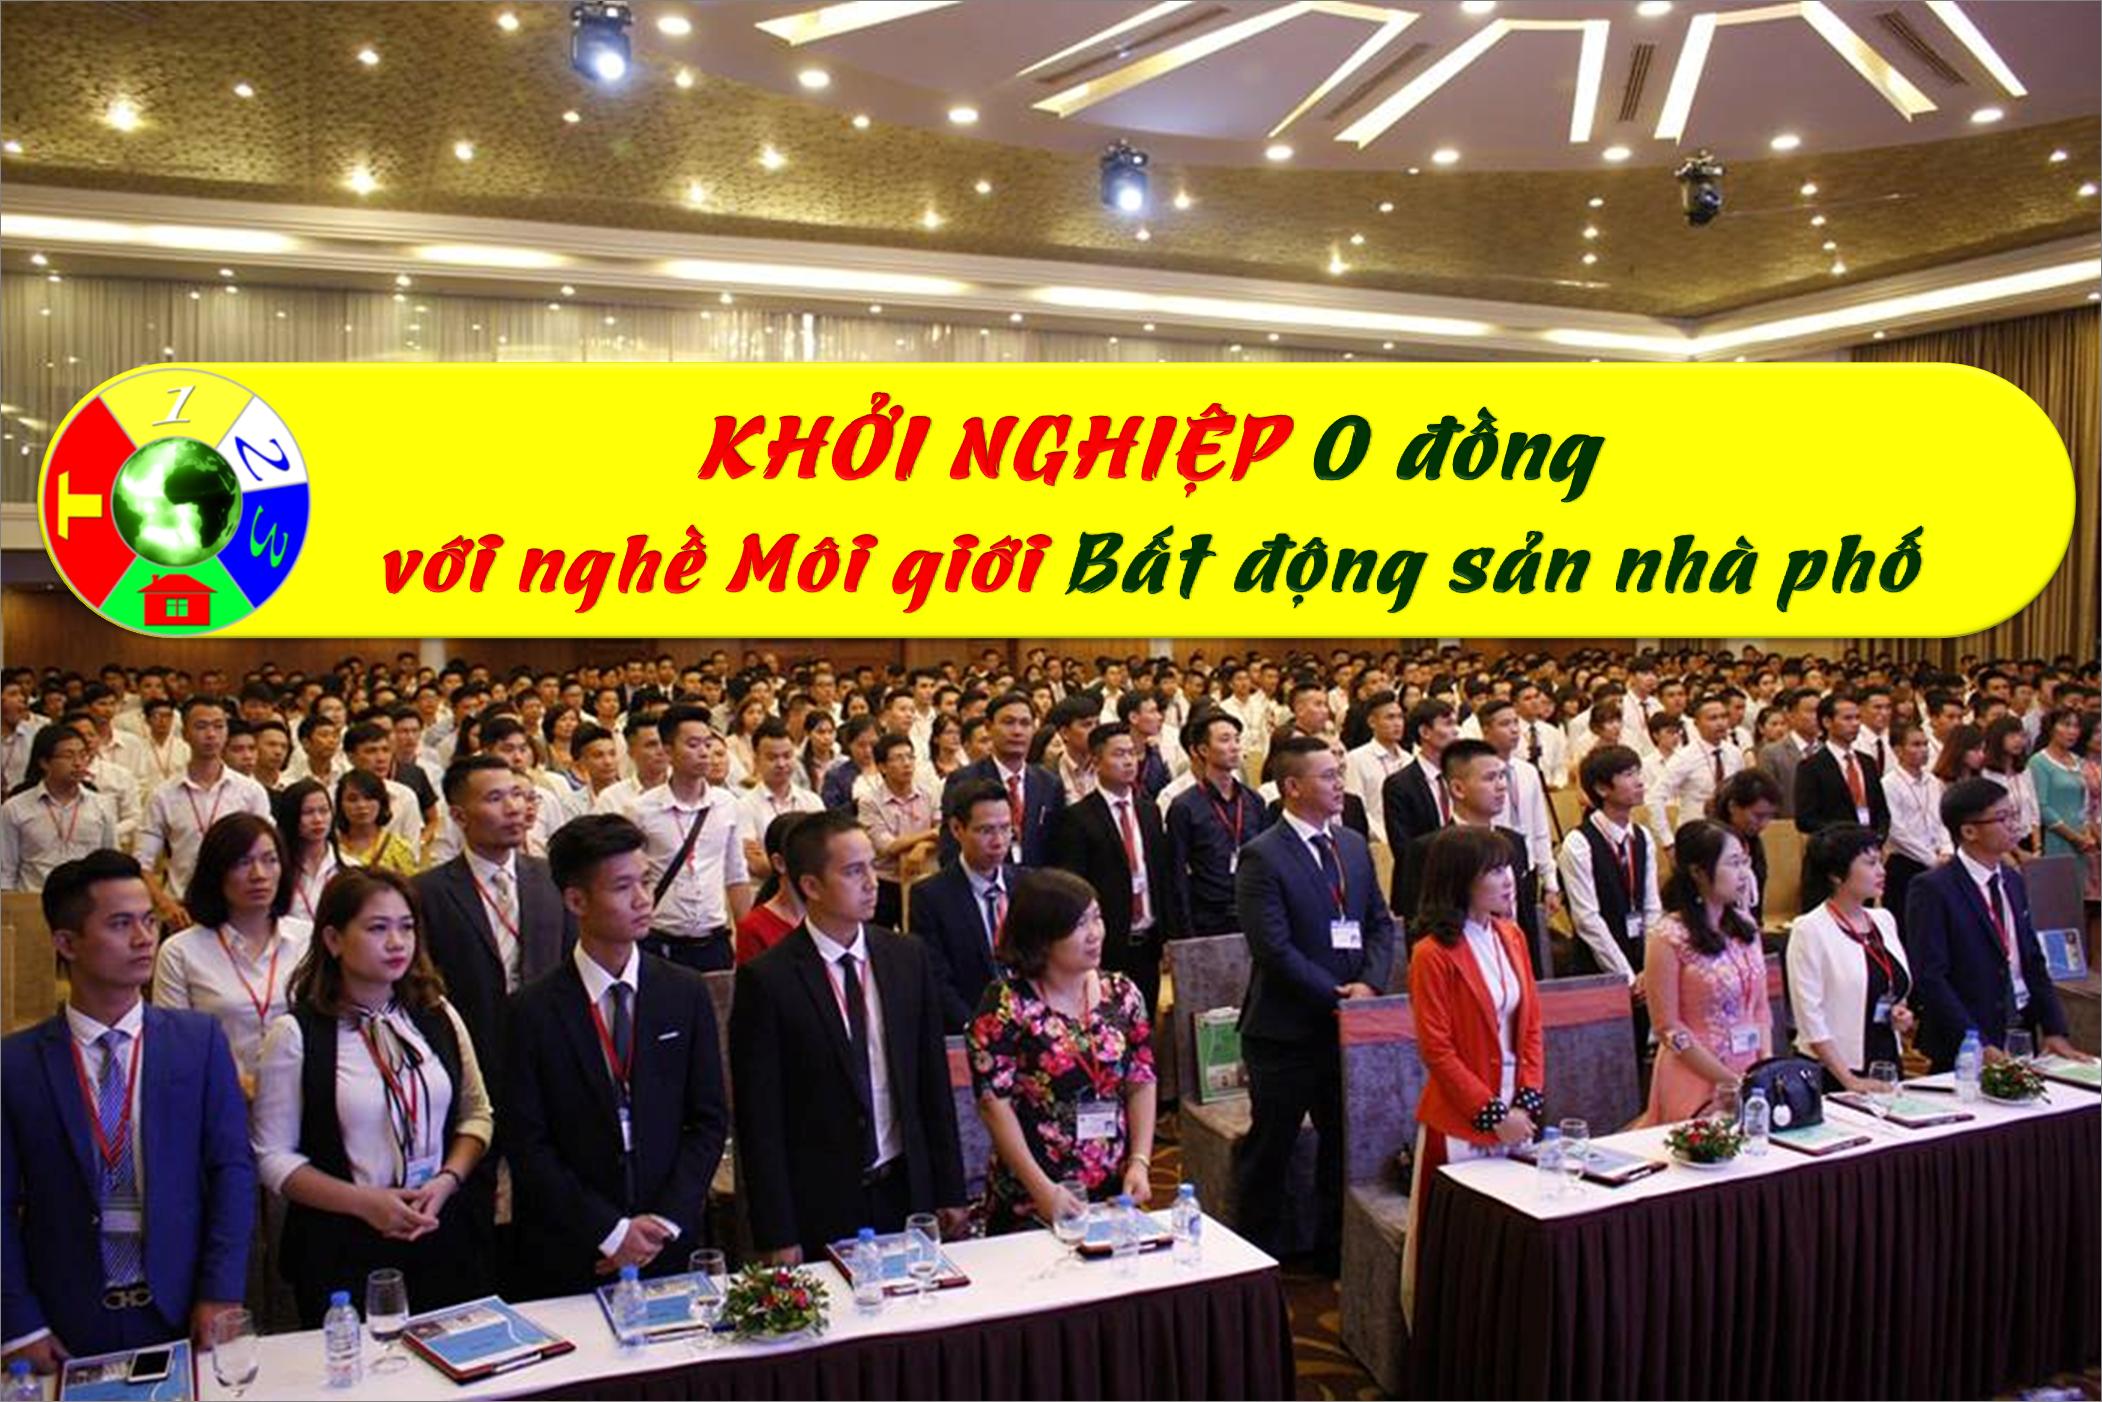 Cơ hội Khởi nghiệp tại TP. Hồ Chí Minh: Vốn 0 đồng với nghề Môi giới Bất động sản nhà phố